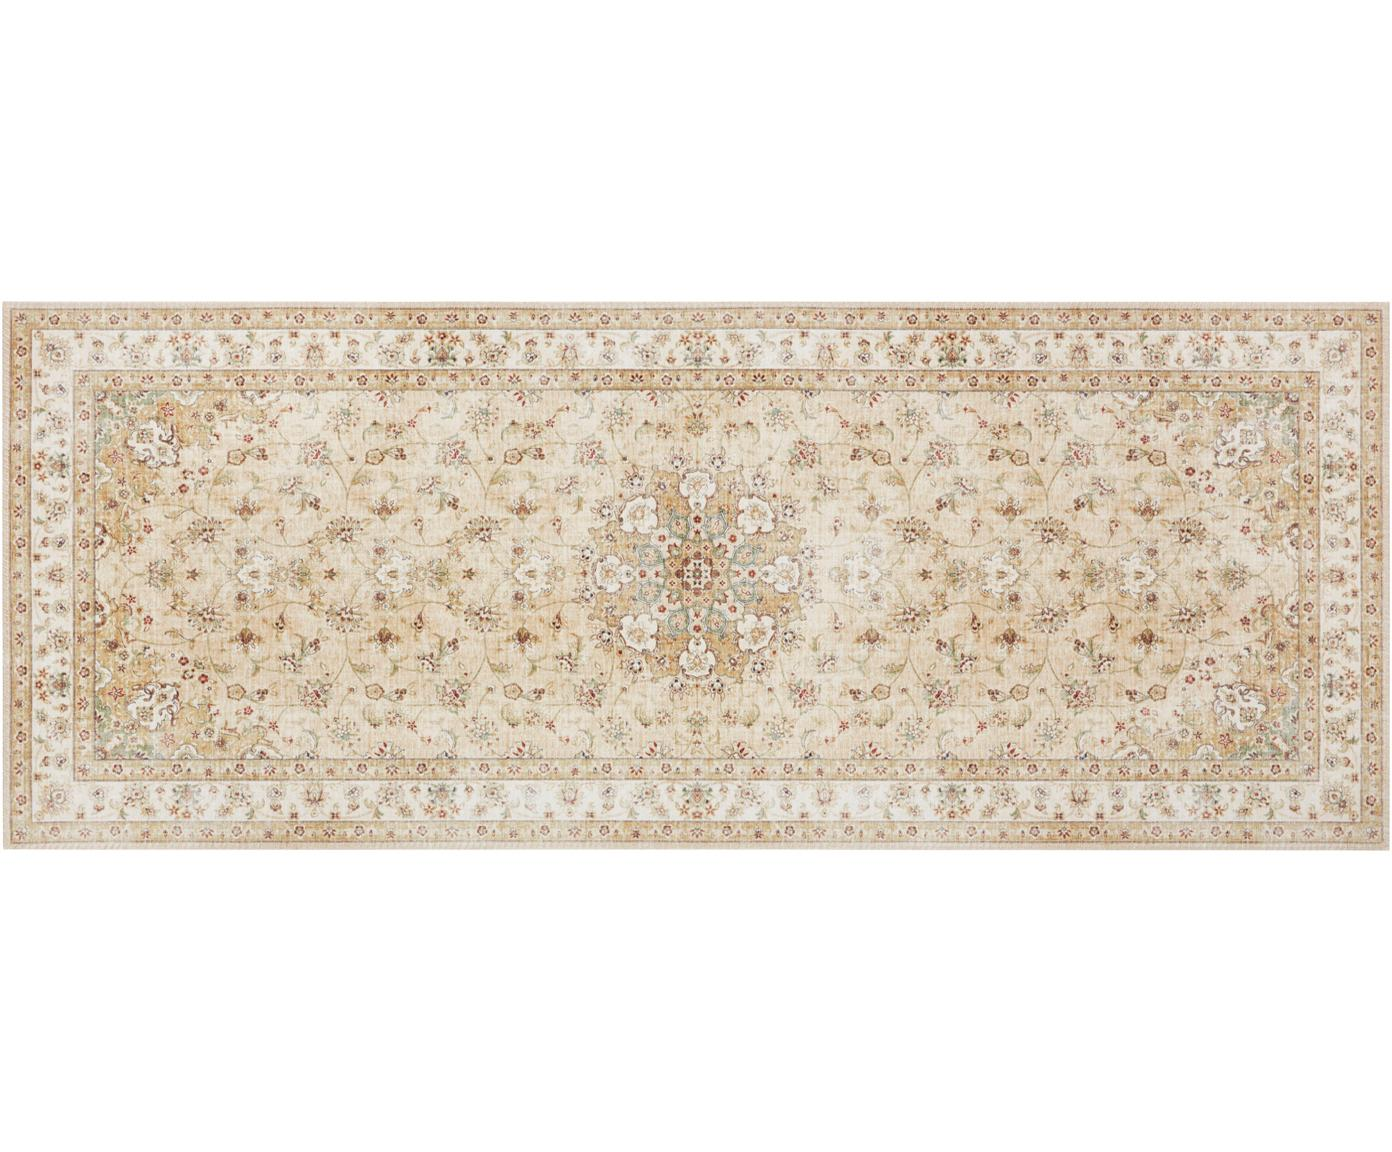 Läufer Nain im Orient Style, 100% Polysulfones (PES), Gelb, Beigetöne, 80 x 200 cm